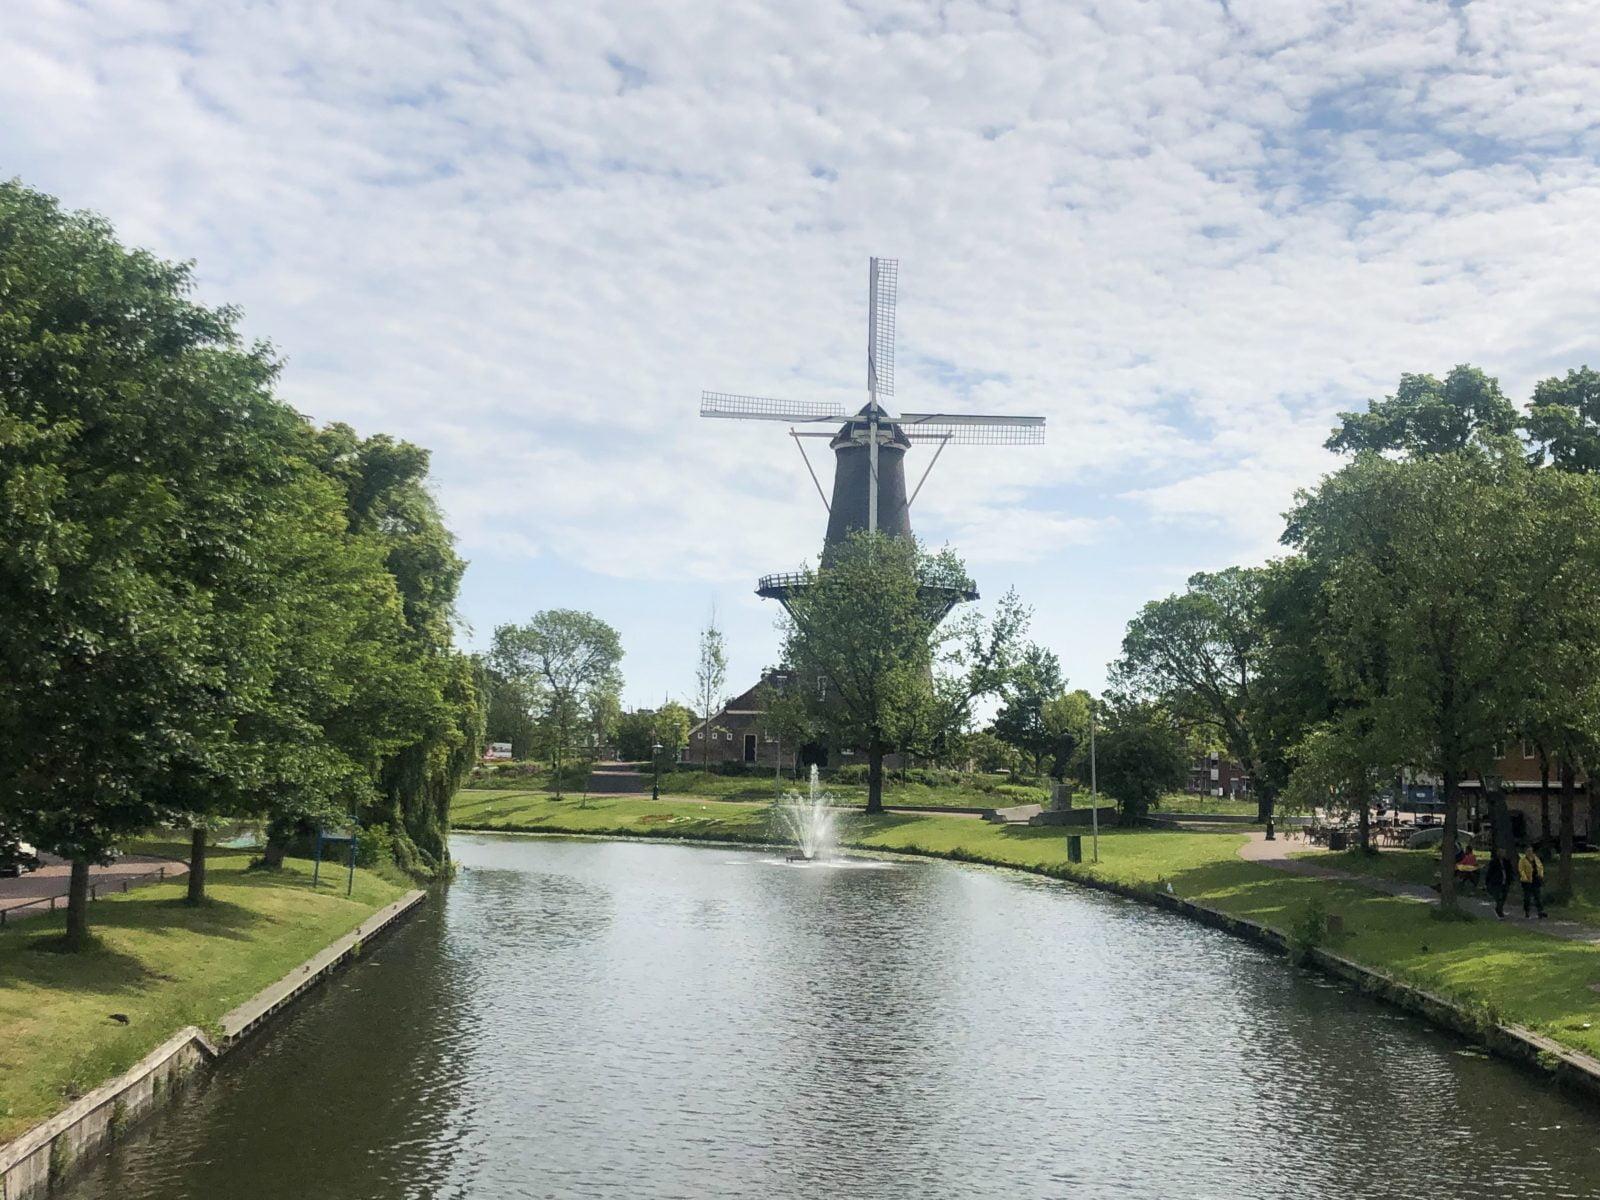 Amsterdam'dan Trene Atladım Geldim: Leiden Gezi Notları